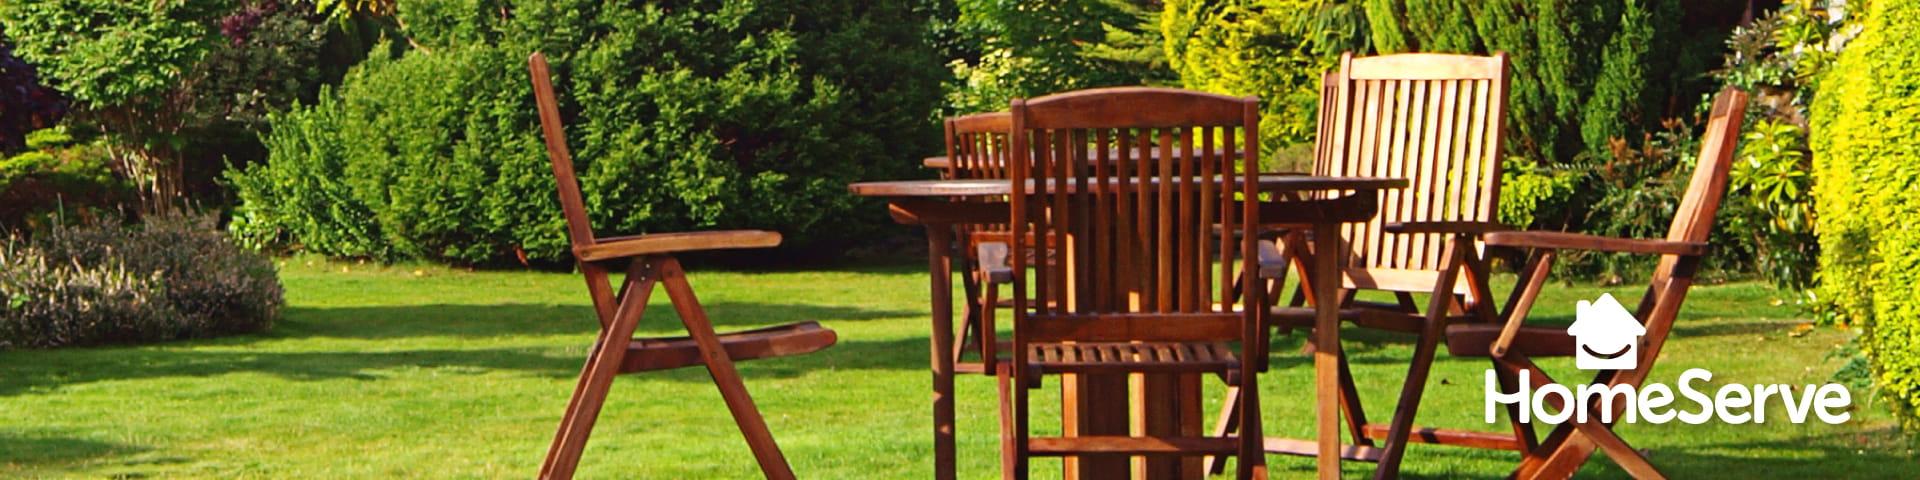 Comprar Muebles De Jardin.Como Comprar Muebles De Exterior Para Esta Temporada En 5